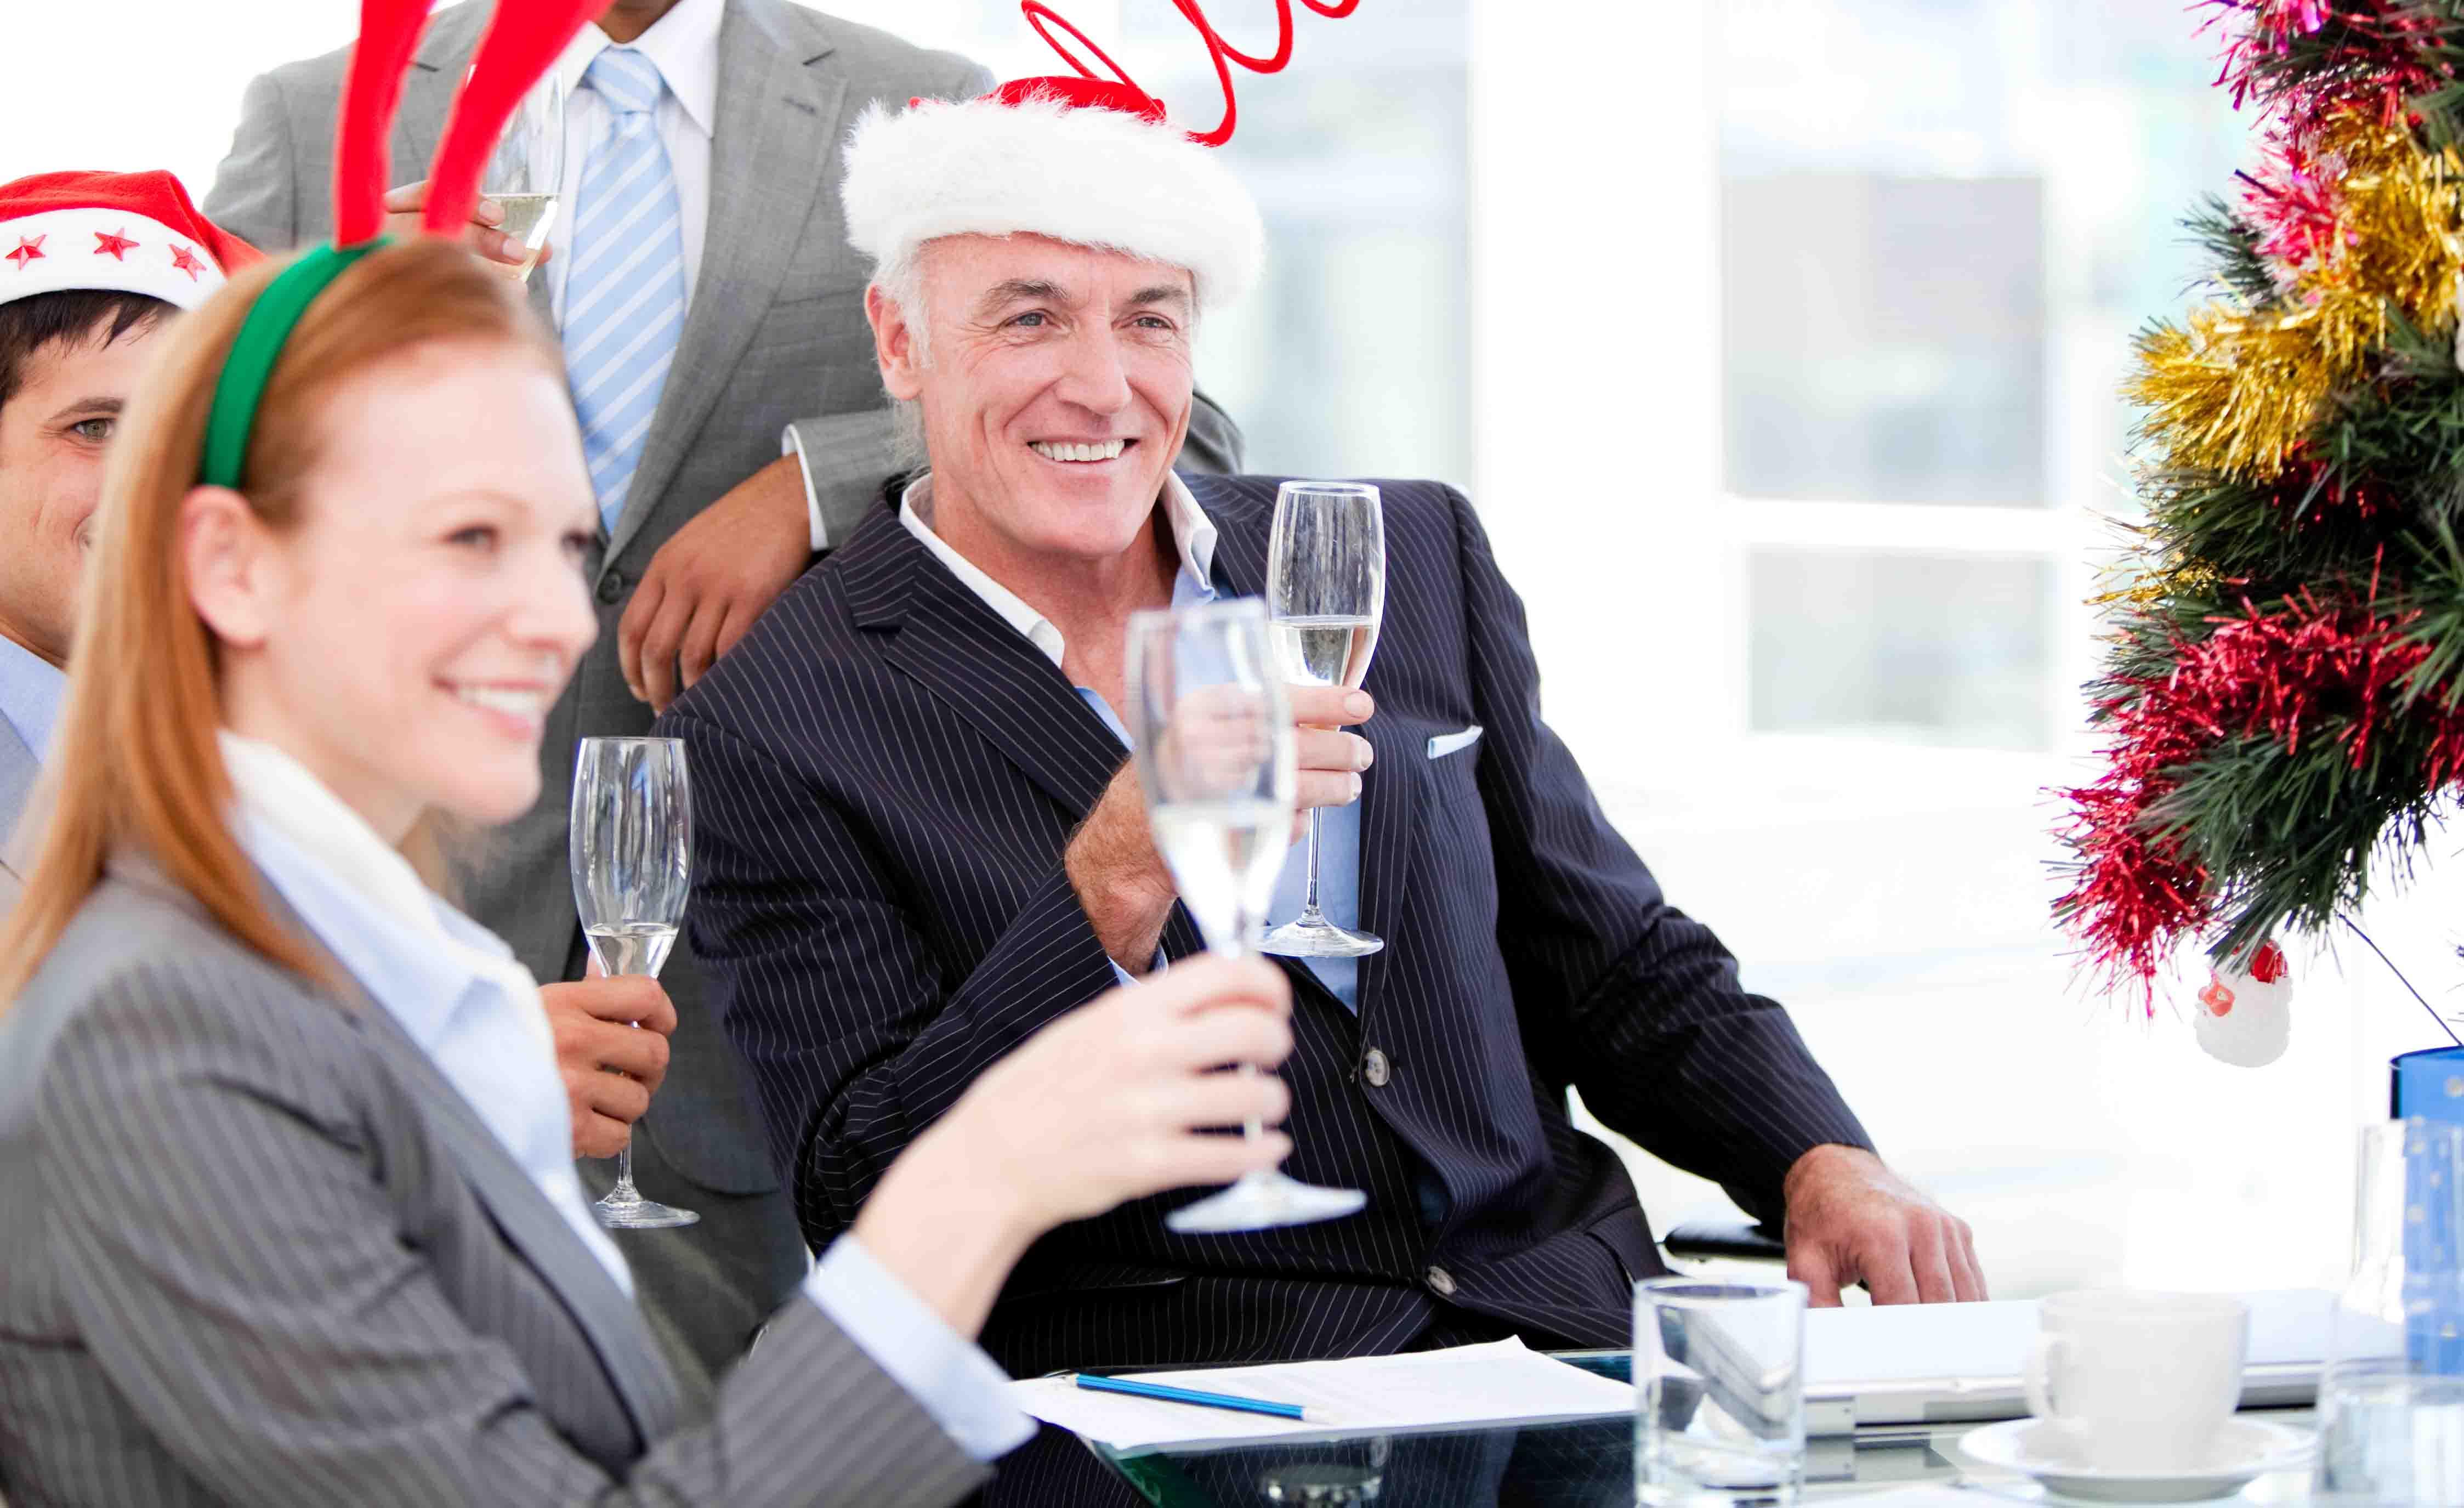 Noël au sein de l'entreprise: les activités de team building